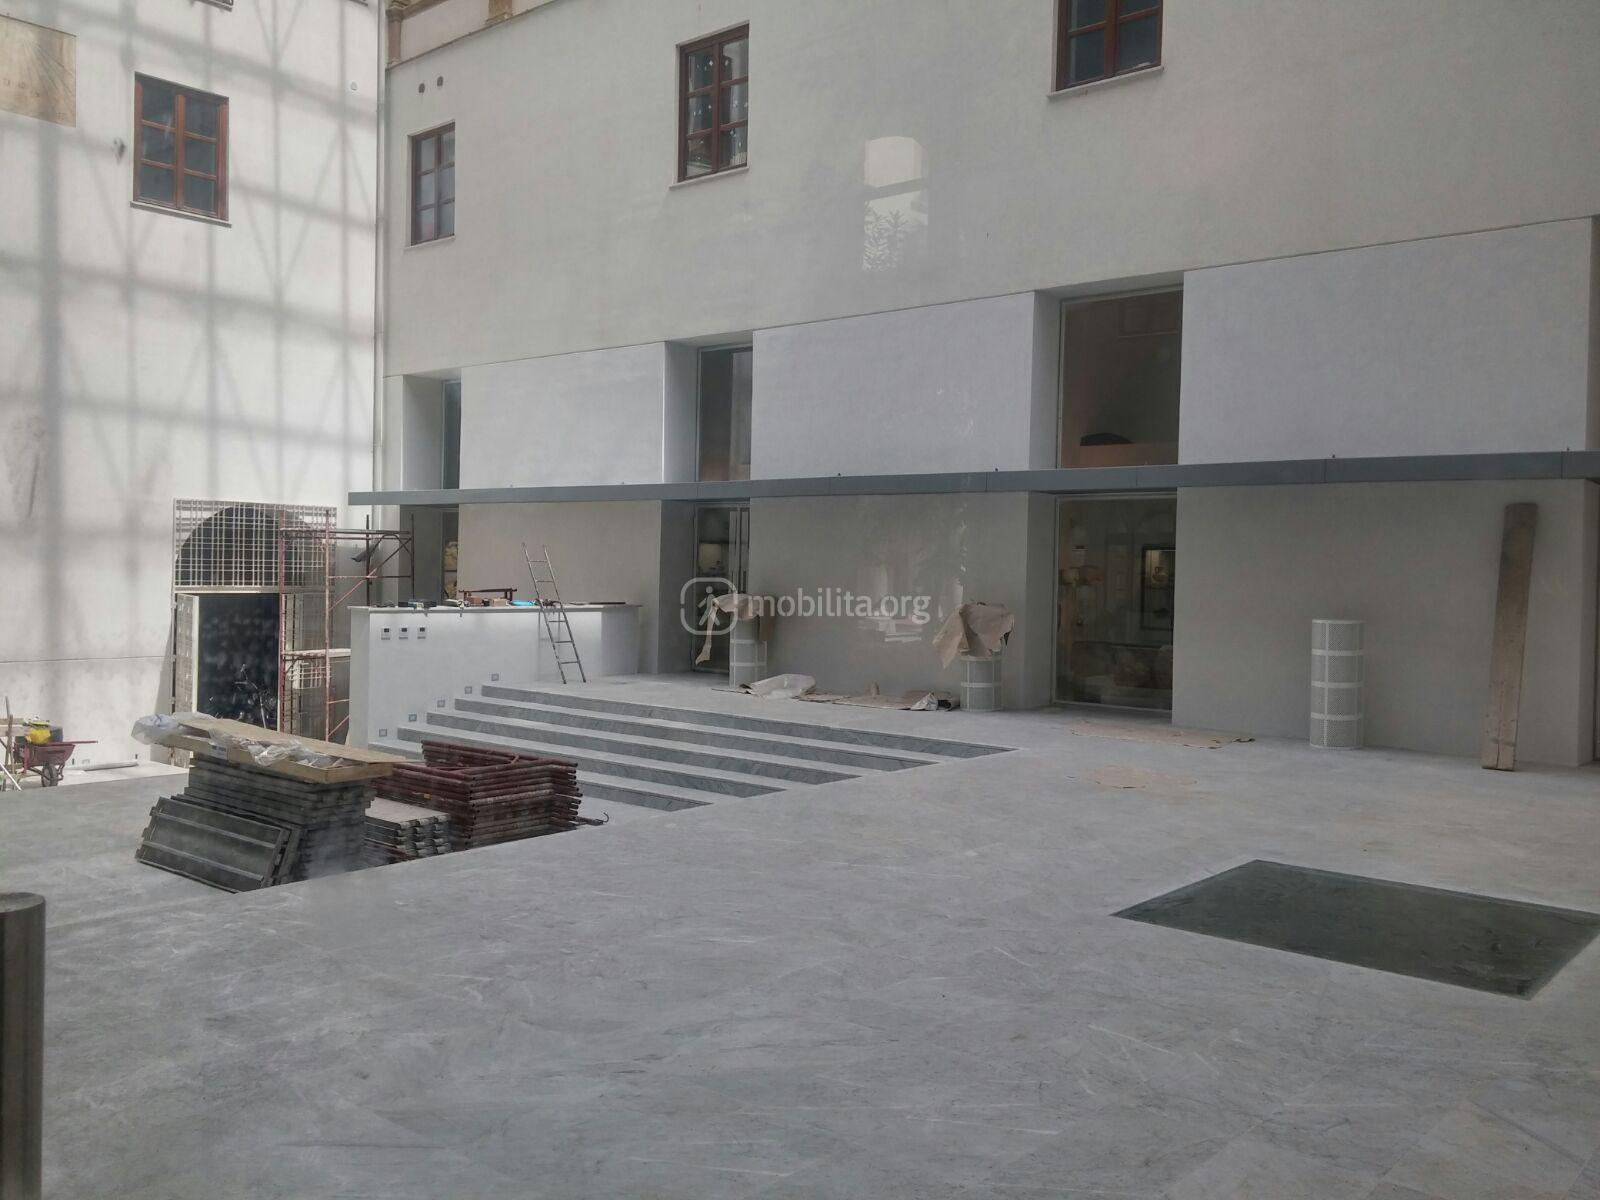 Il nuovo museo salinas una sbirciata all interno for Mobilita palermo